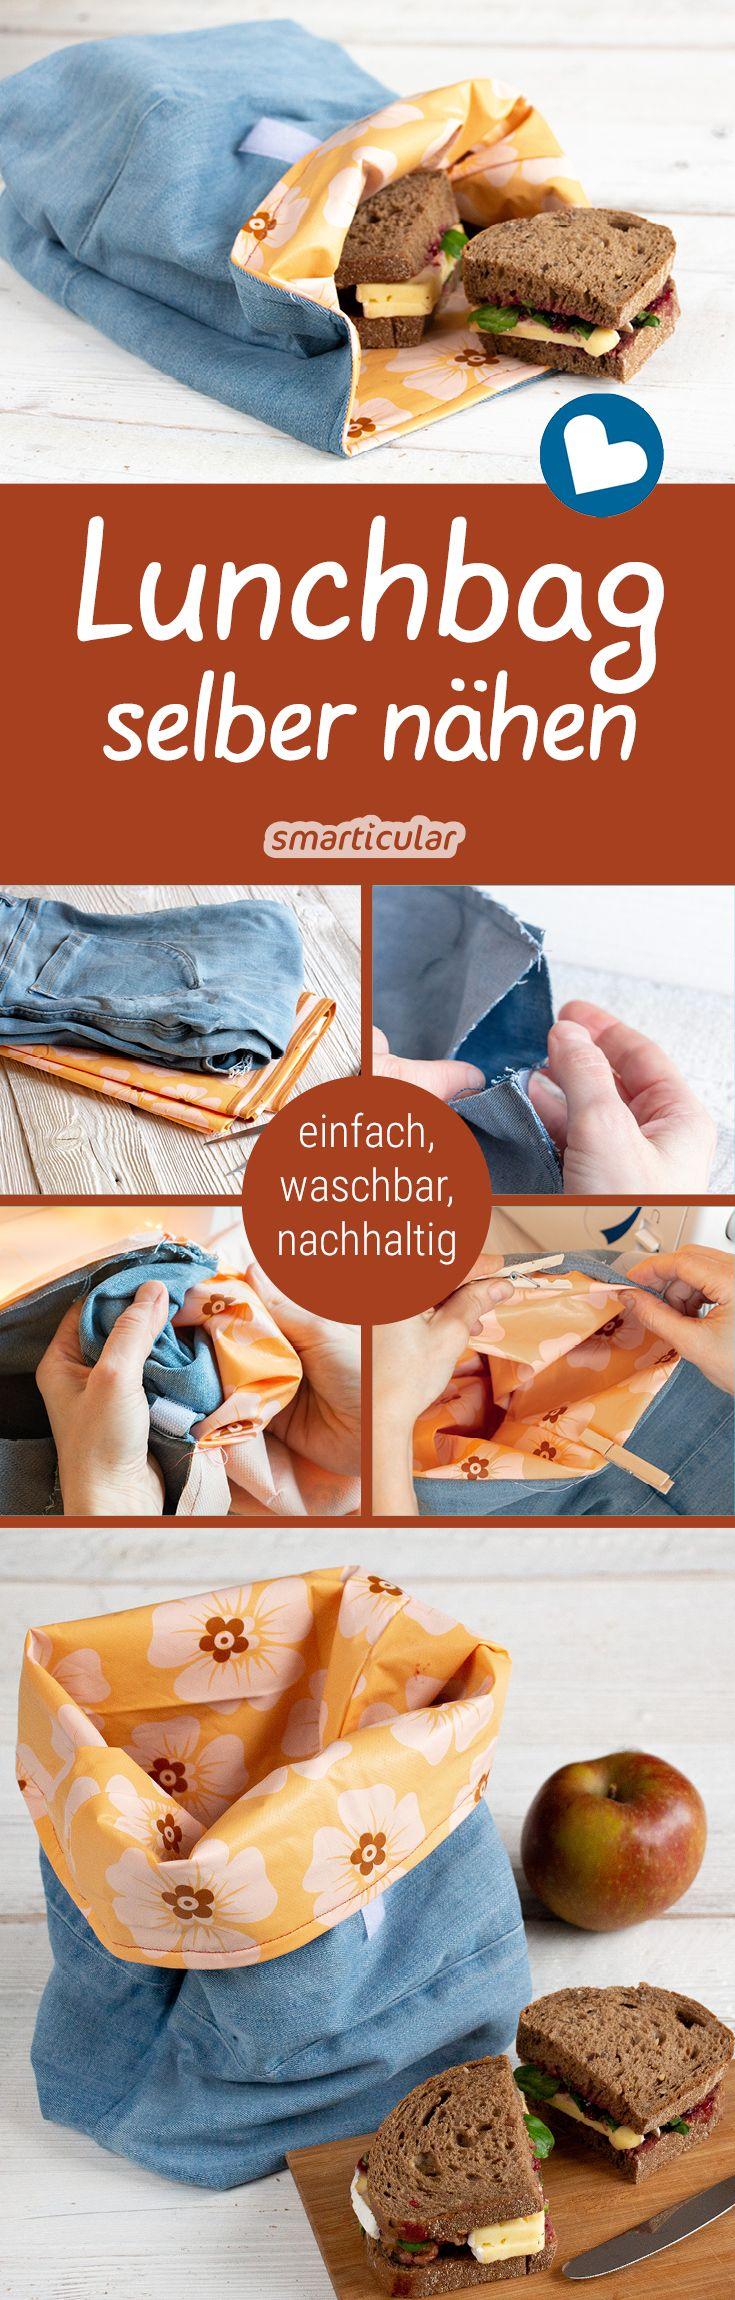 DIY-Lunchbag: Brotbeutel aus Wachstuch und Stoffresten nähen #scrapfabric